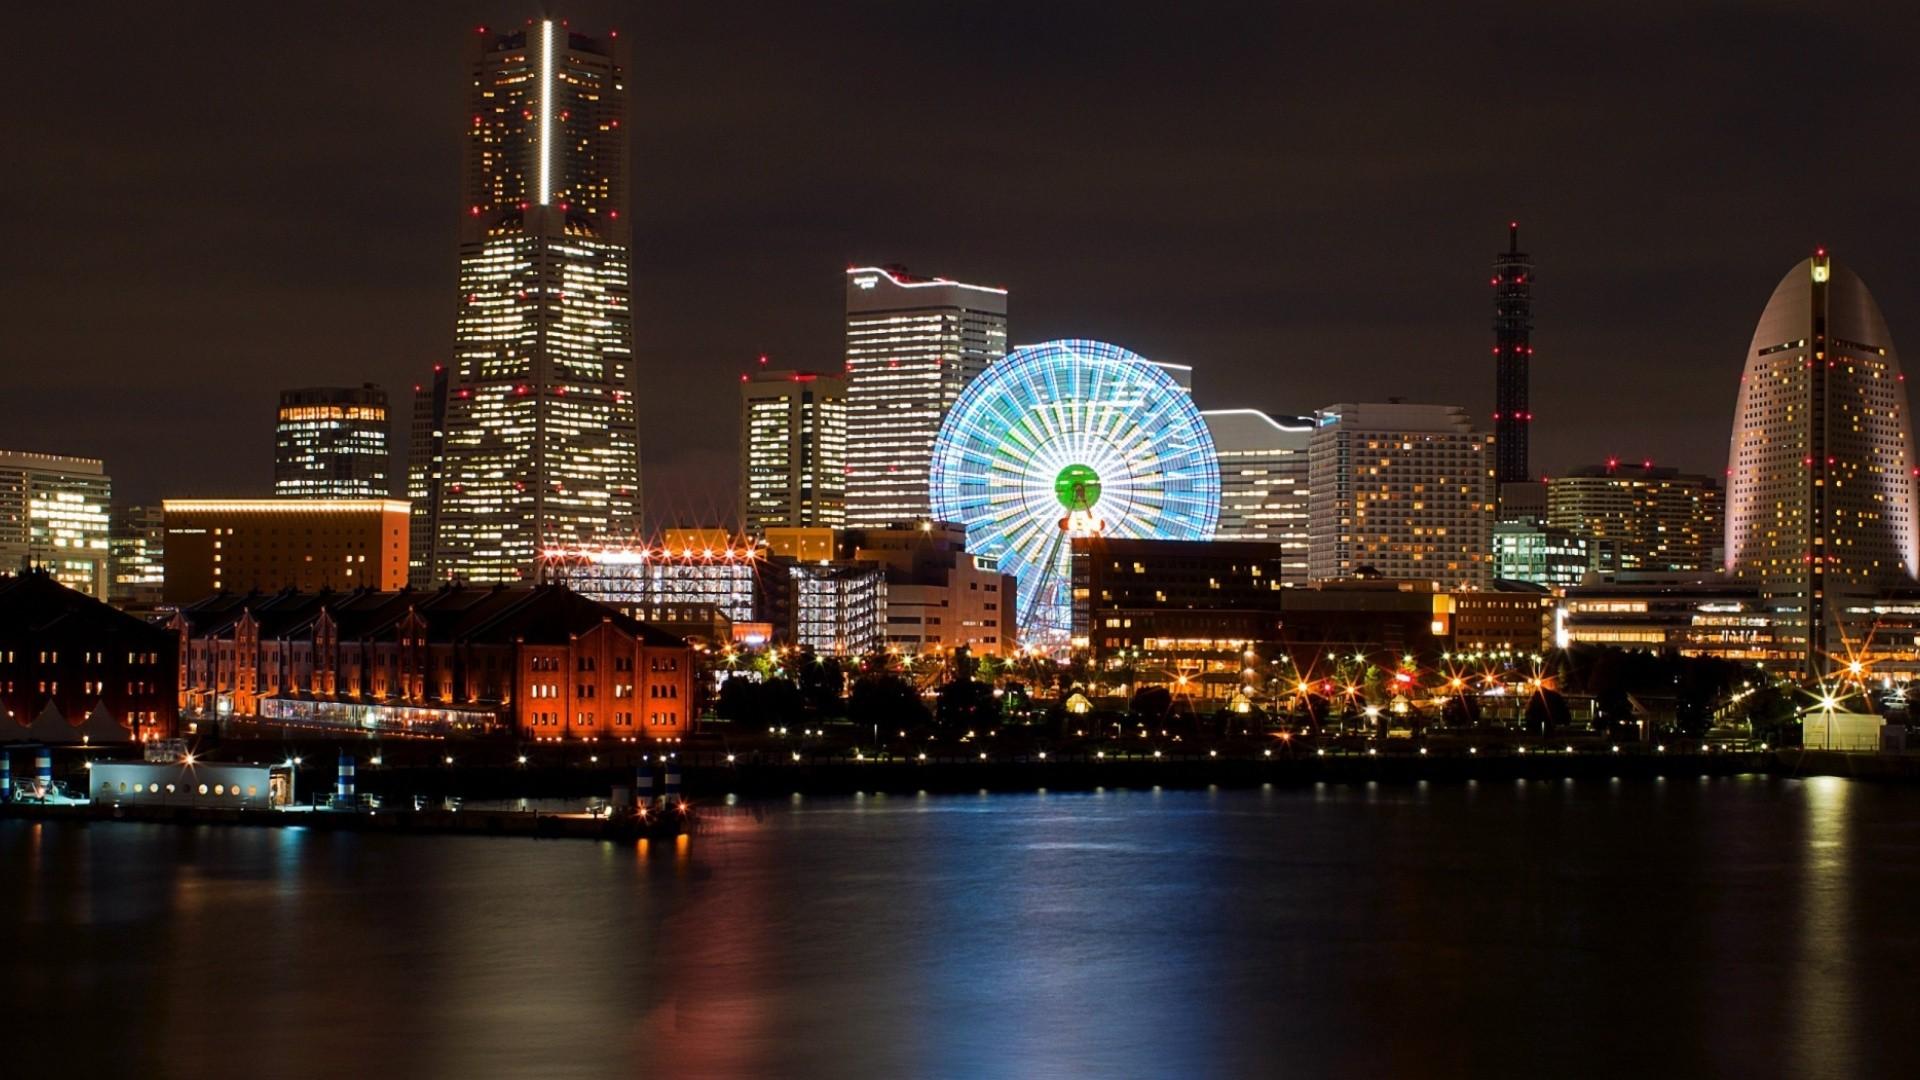 Ciudad de Japon - 1920x1080